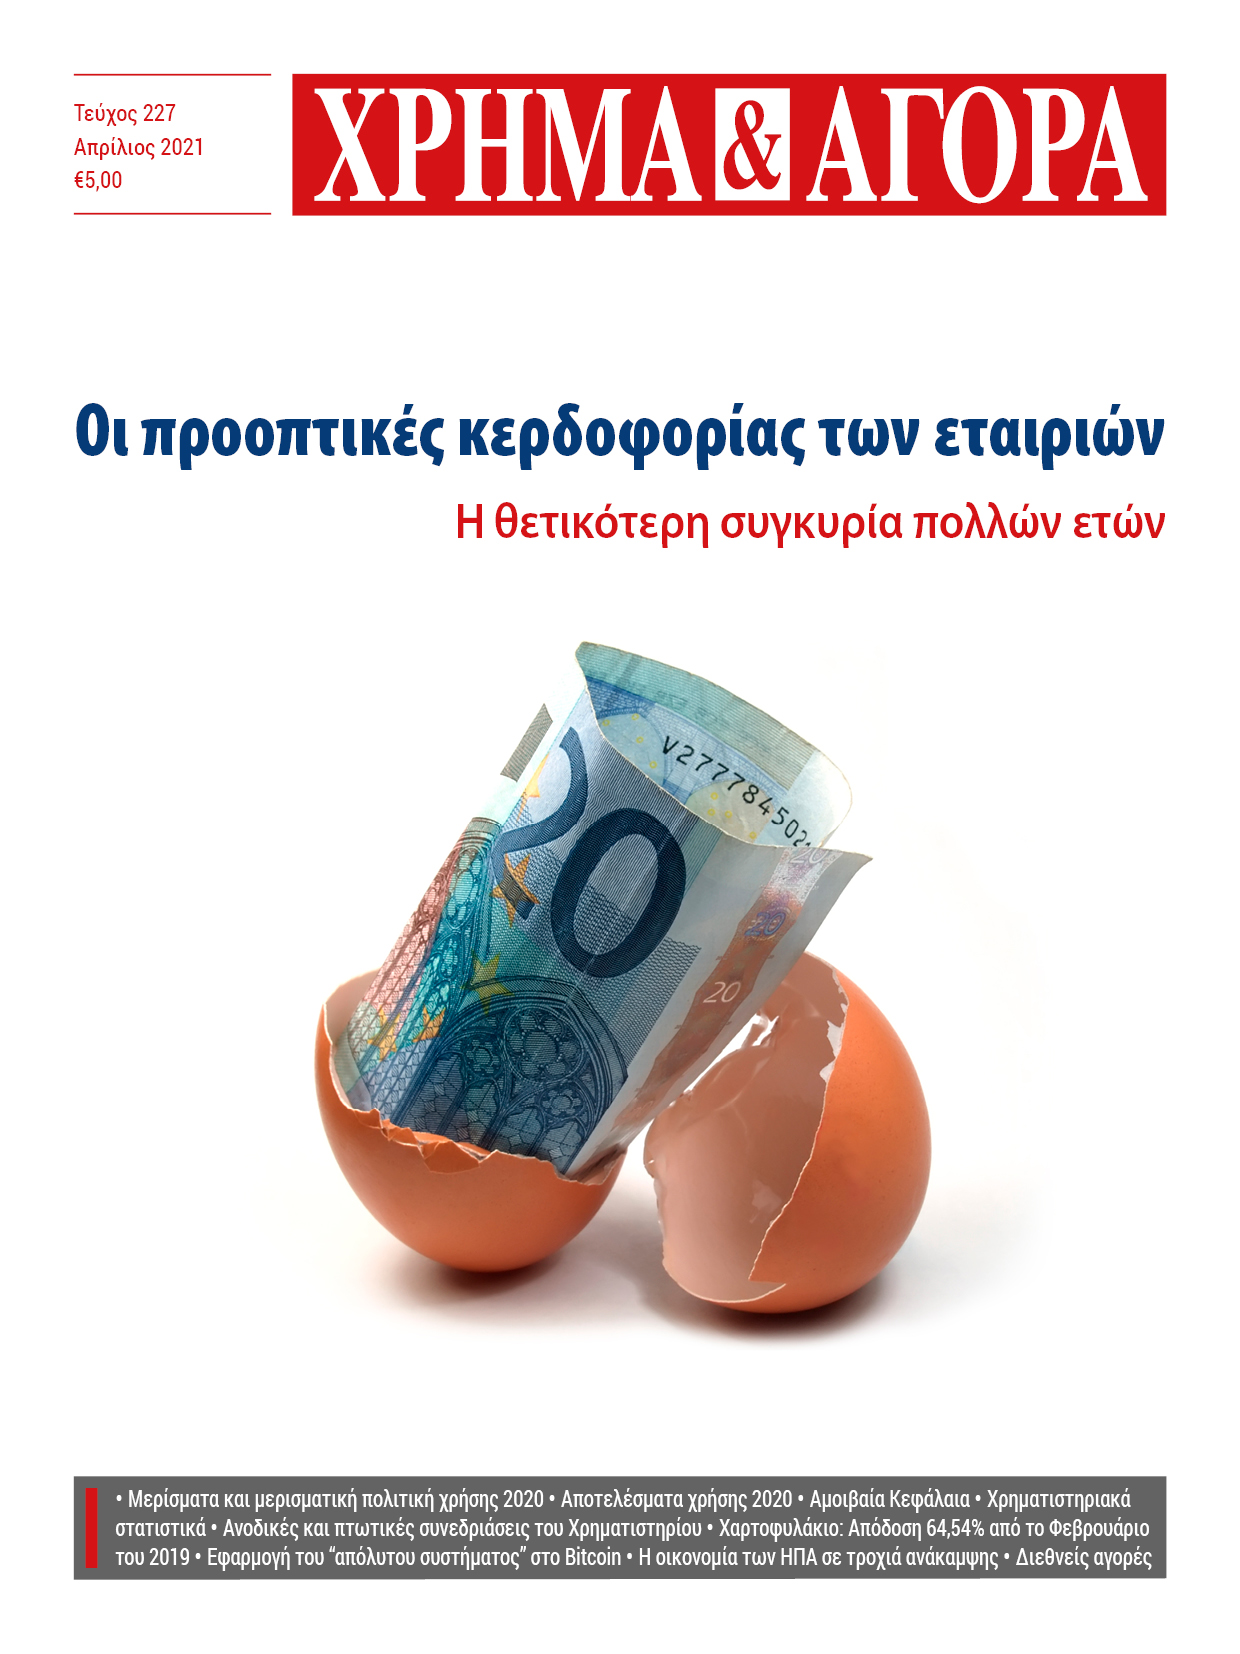 ΧΡΗΜΑ & ΑΓΟΡΑ - Τεύχος 227 - Απρίλιος 2021 - (flipbook)